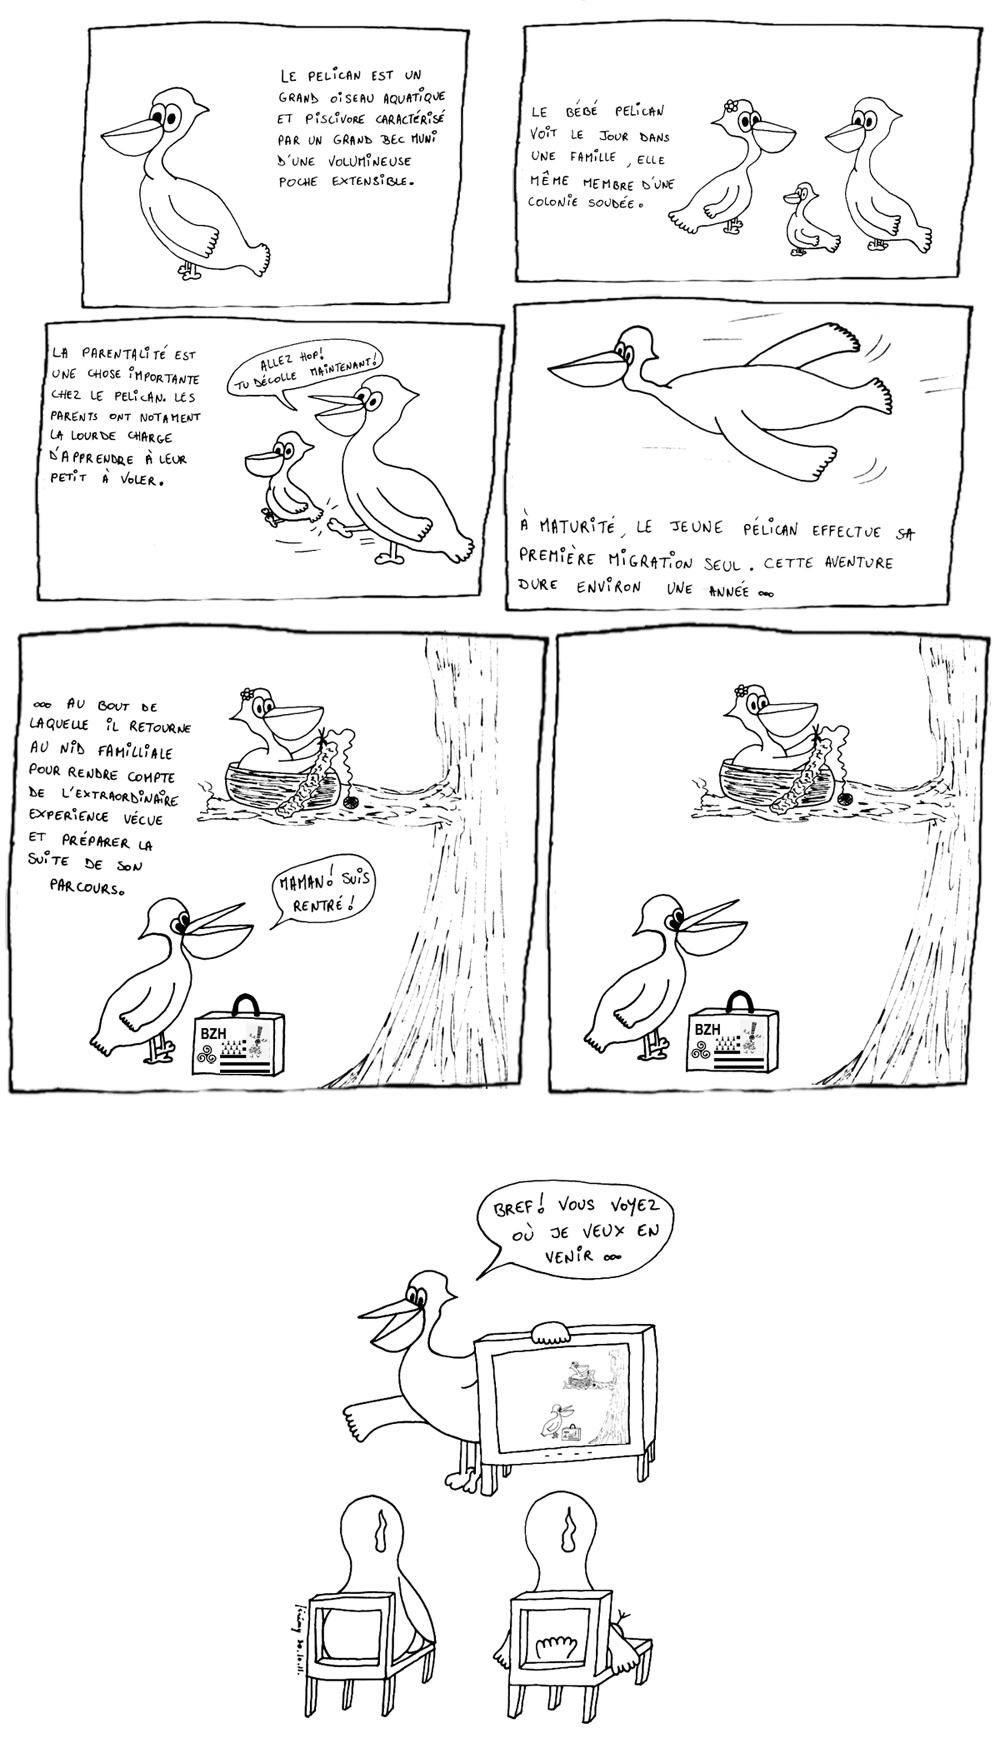 Opération migration du pélican sauvage 2, le retour (c'est le cas de le dire)